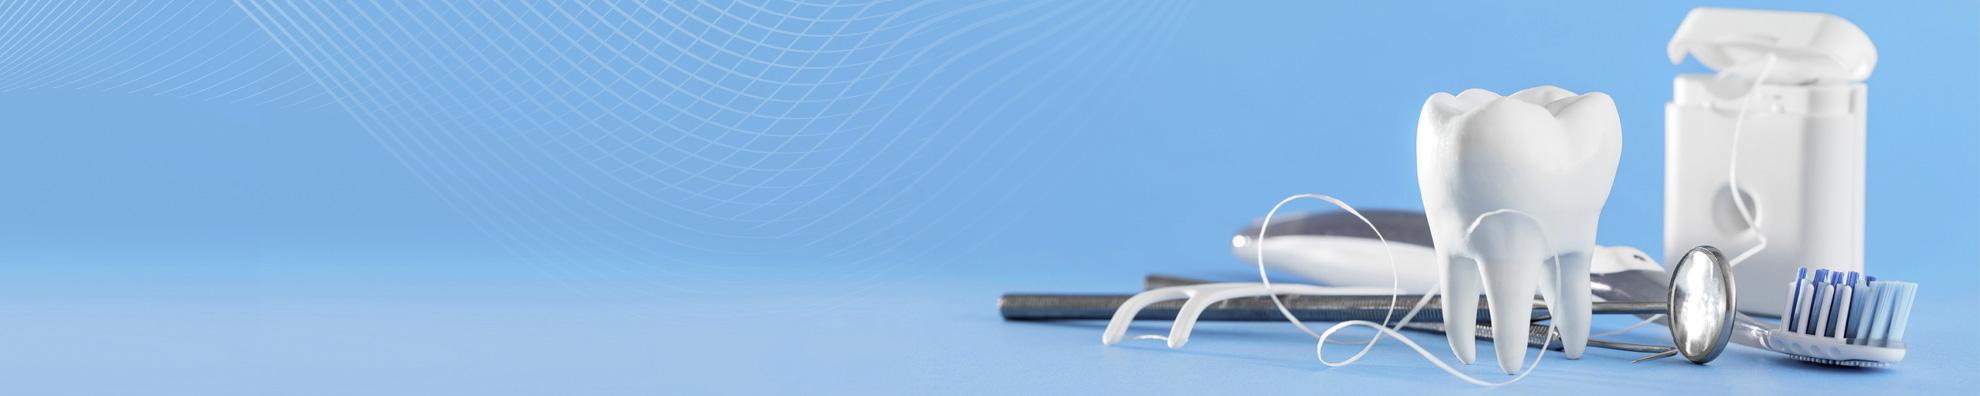 Illustration eines Zahns mit Zahnseide, Dentalspiegel und Zahnbürste